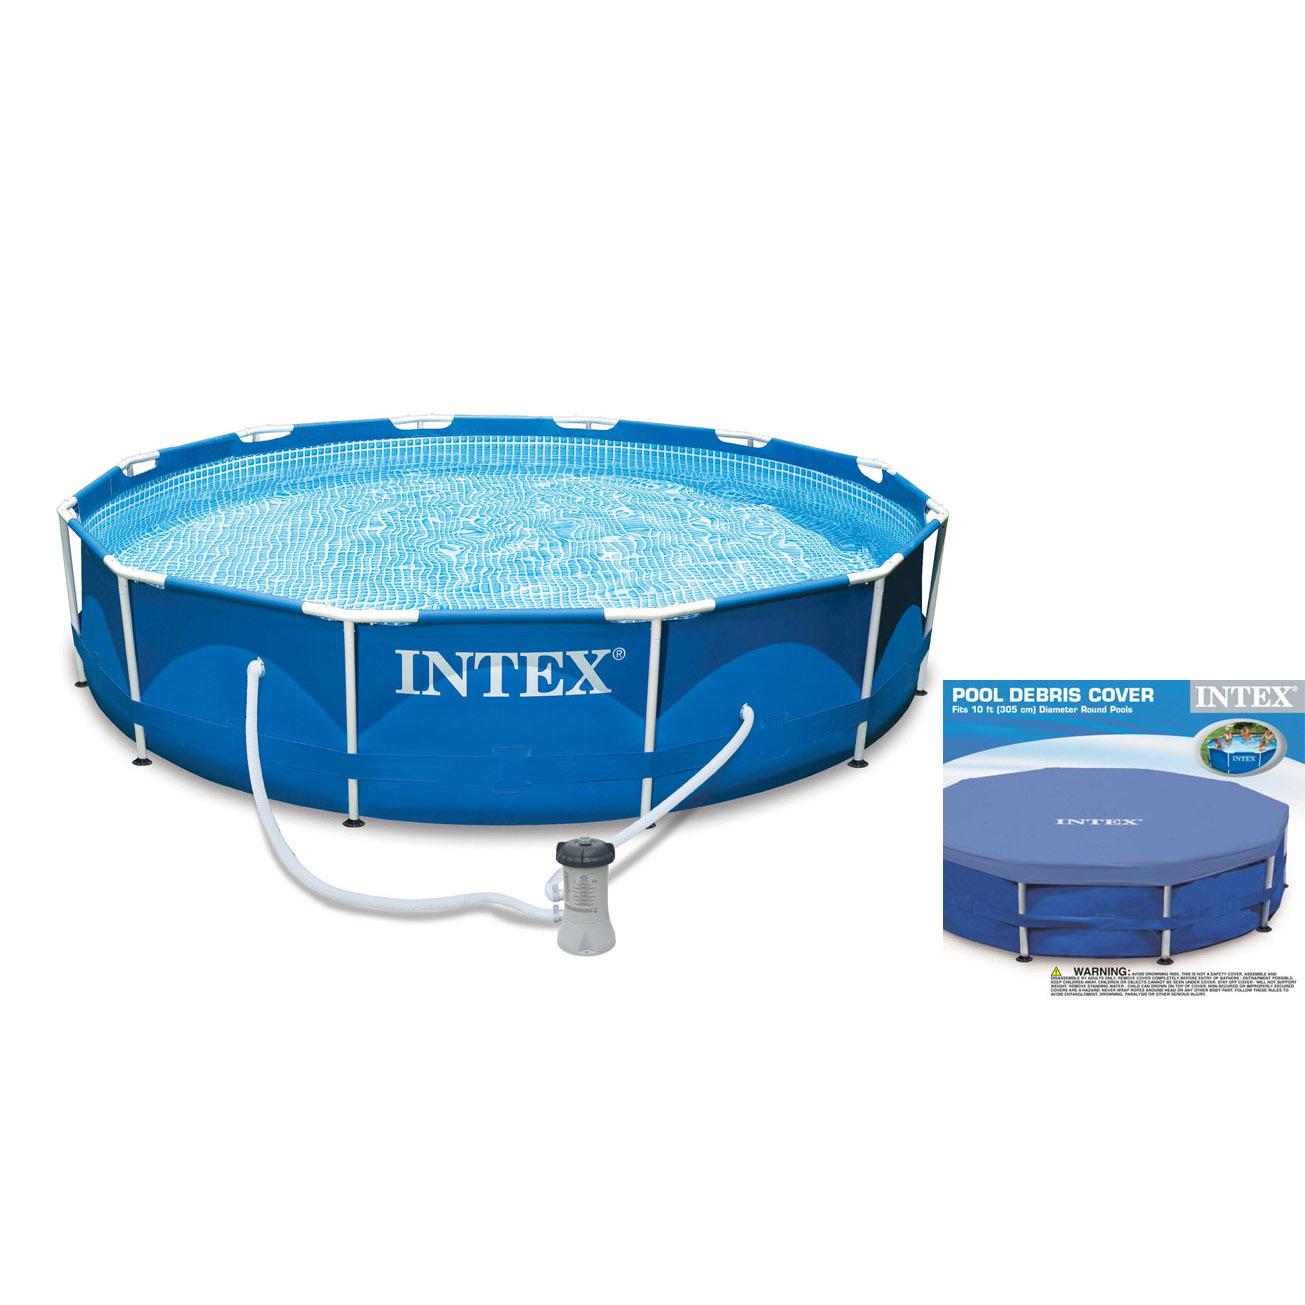 Intex 10 X 2 5 Foot Metal Frame Swimming Pool Set W Filter Pump Debris Cover Ebay